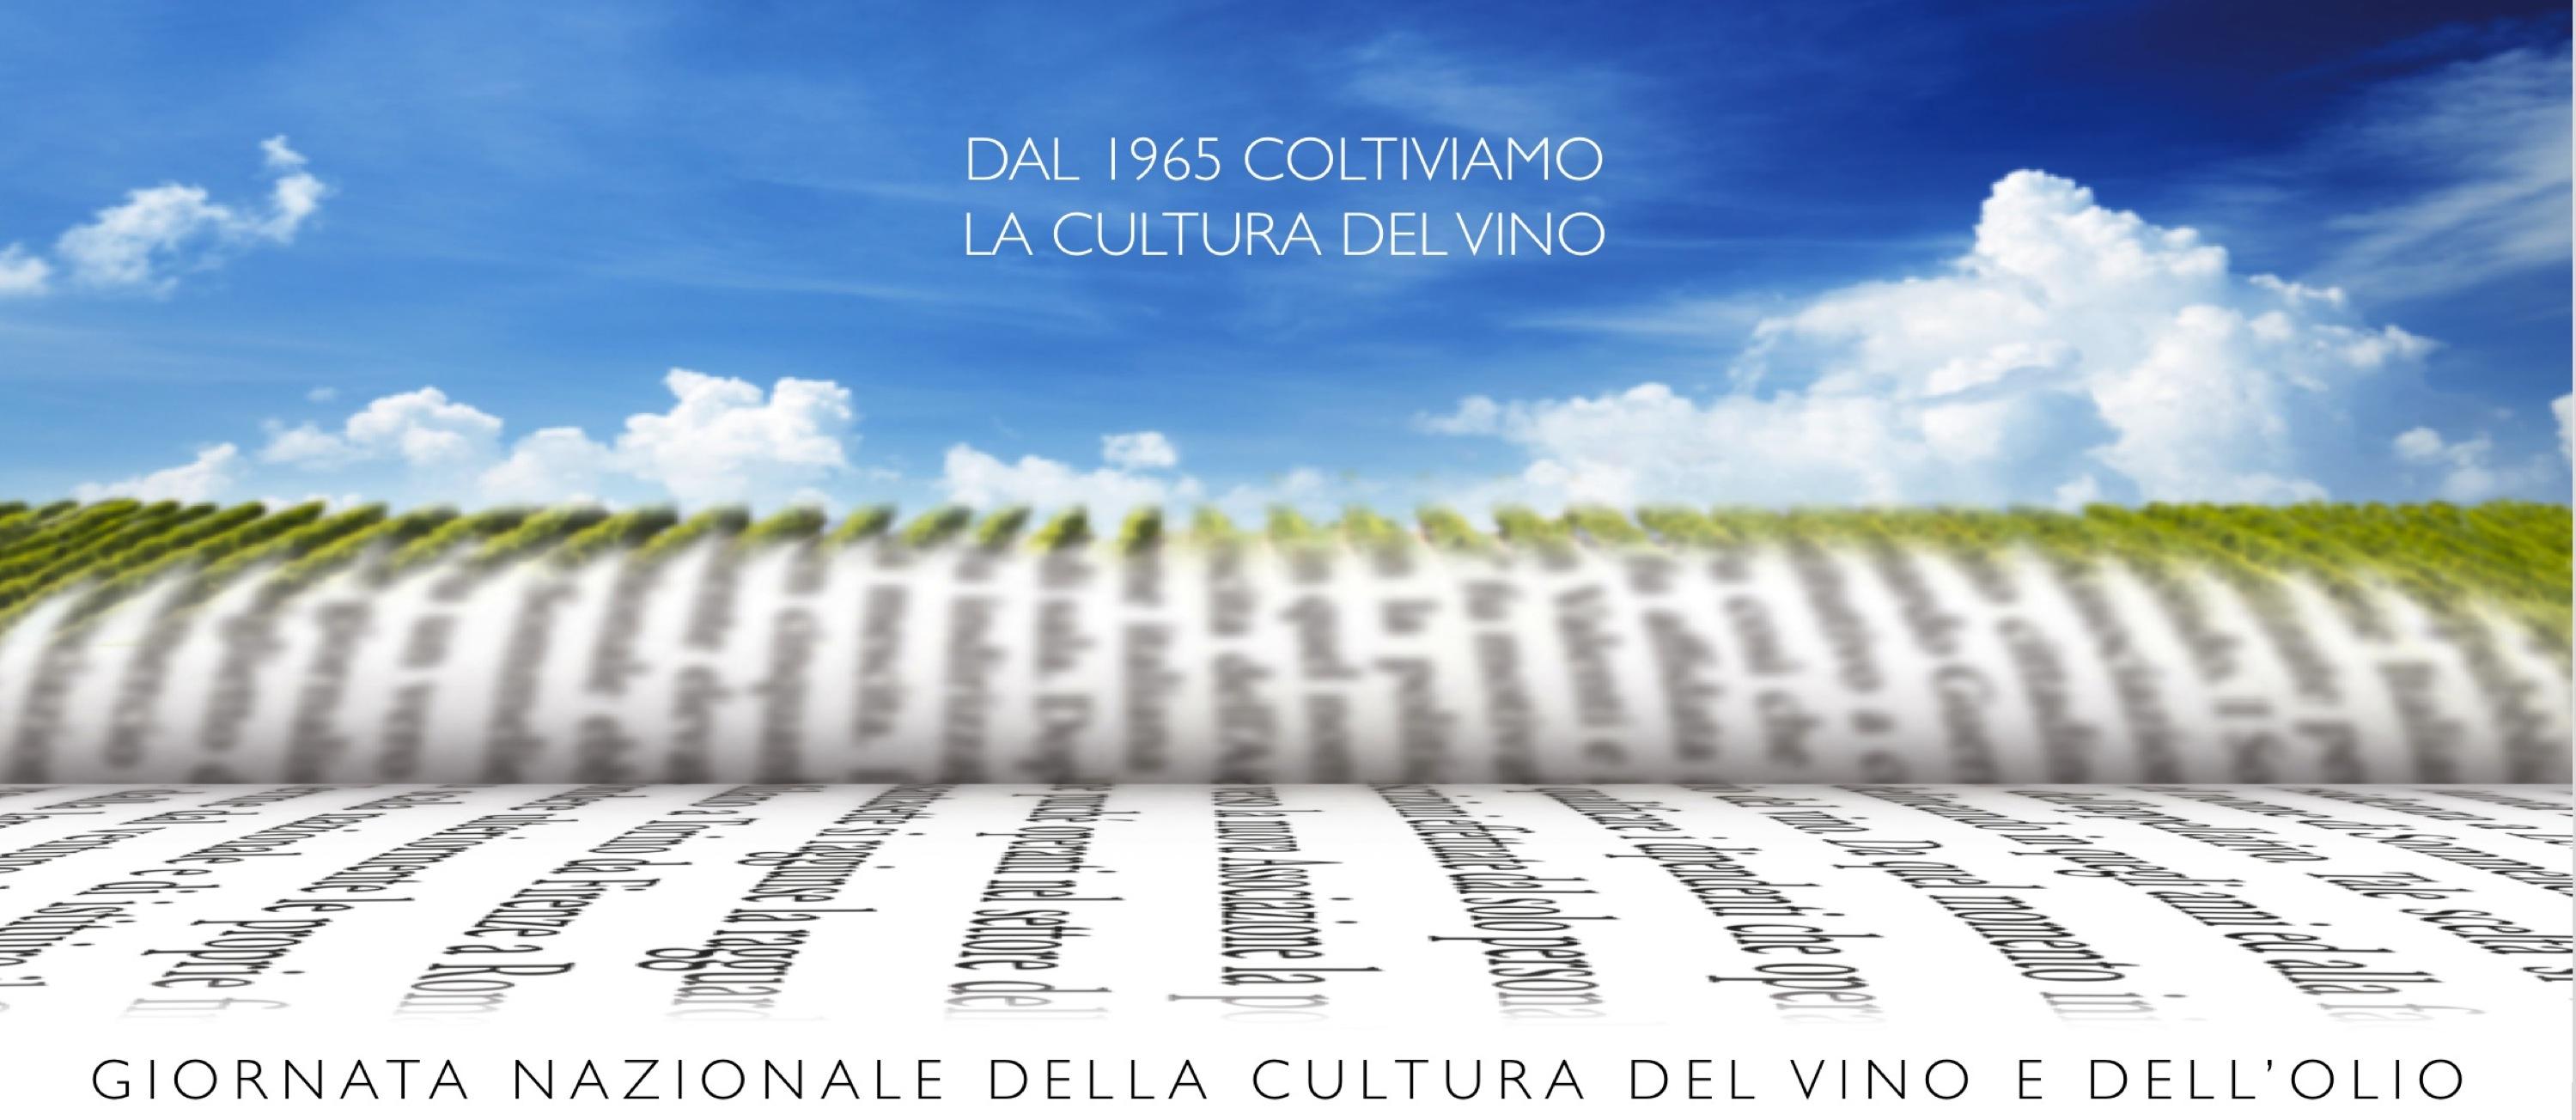 Giornata nazionale della cultura dell'olio e del vino 2020